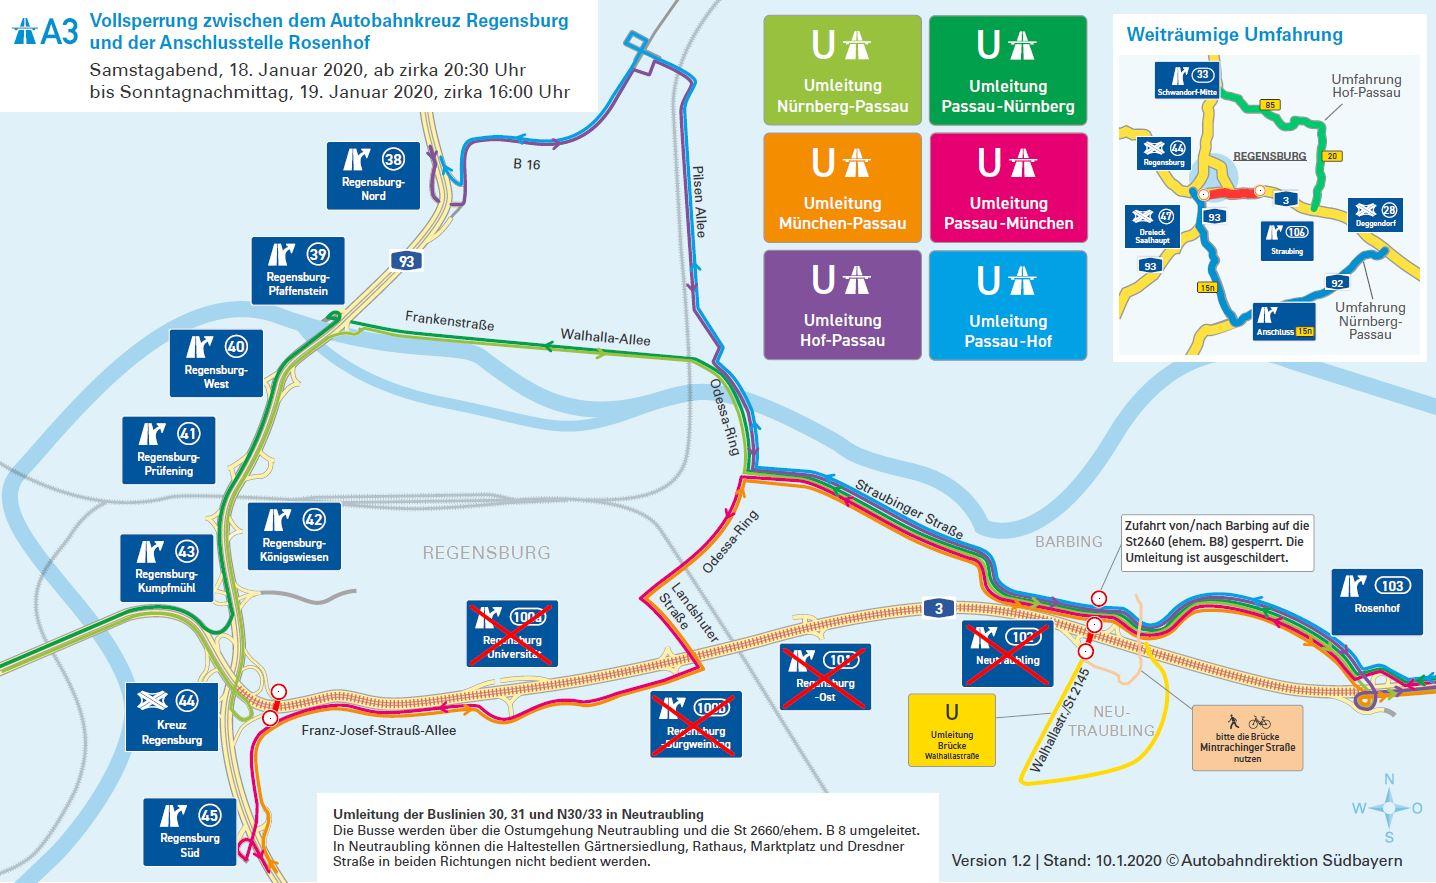 A3-Ausbau bei Regensburg Vollsperrung der A3 ab Samstagabend